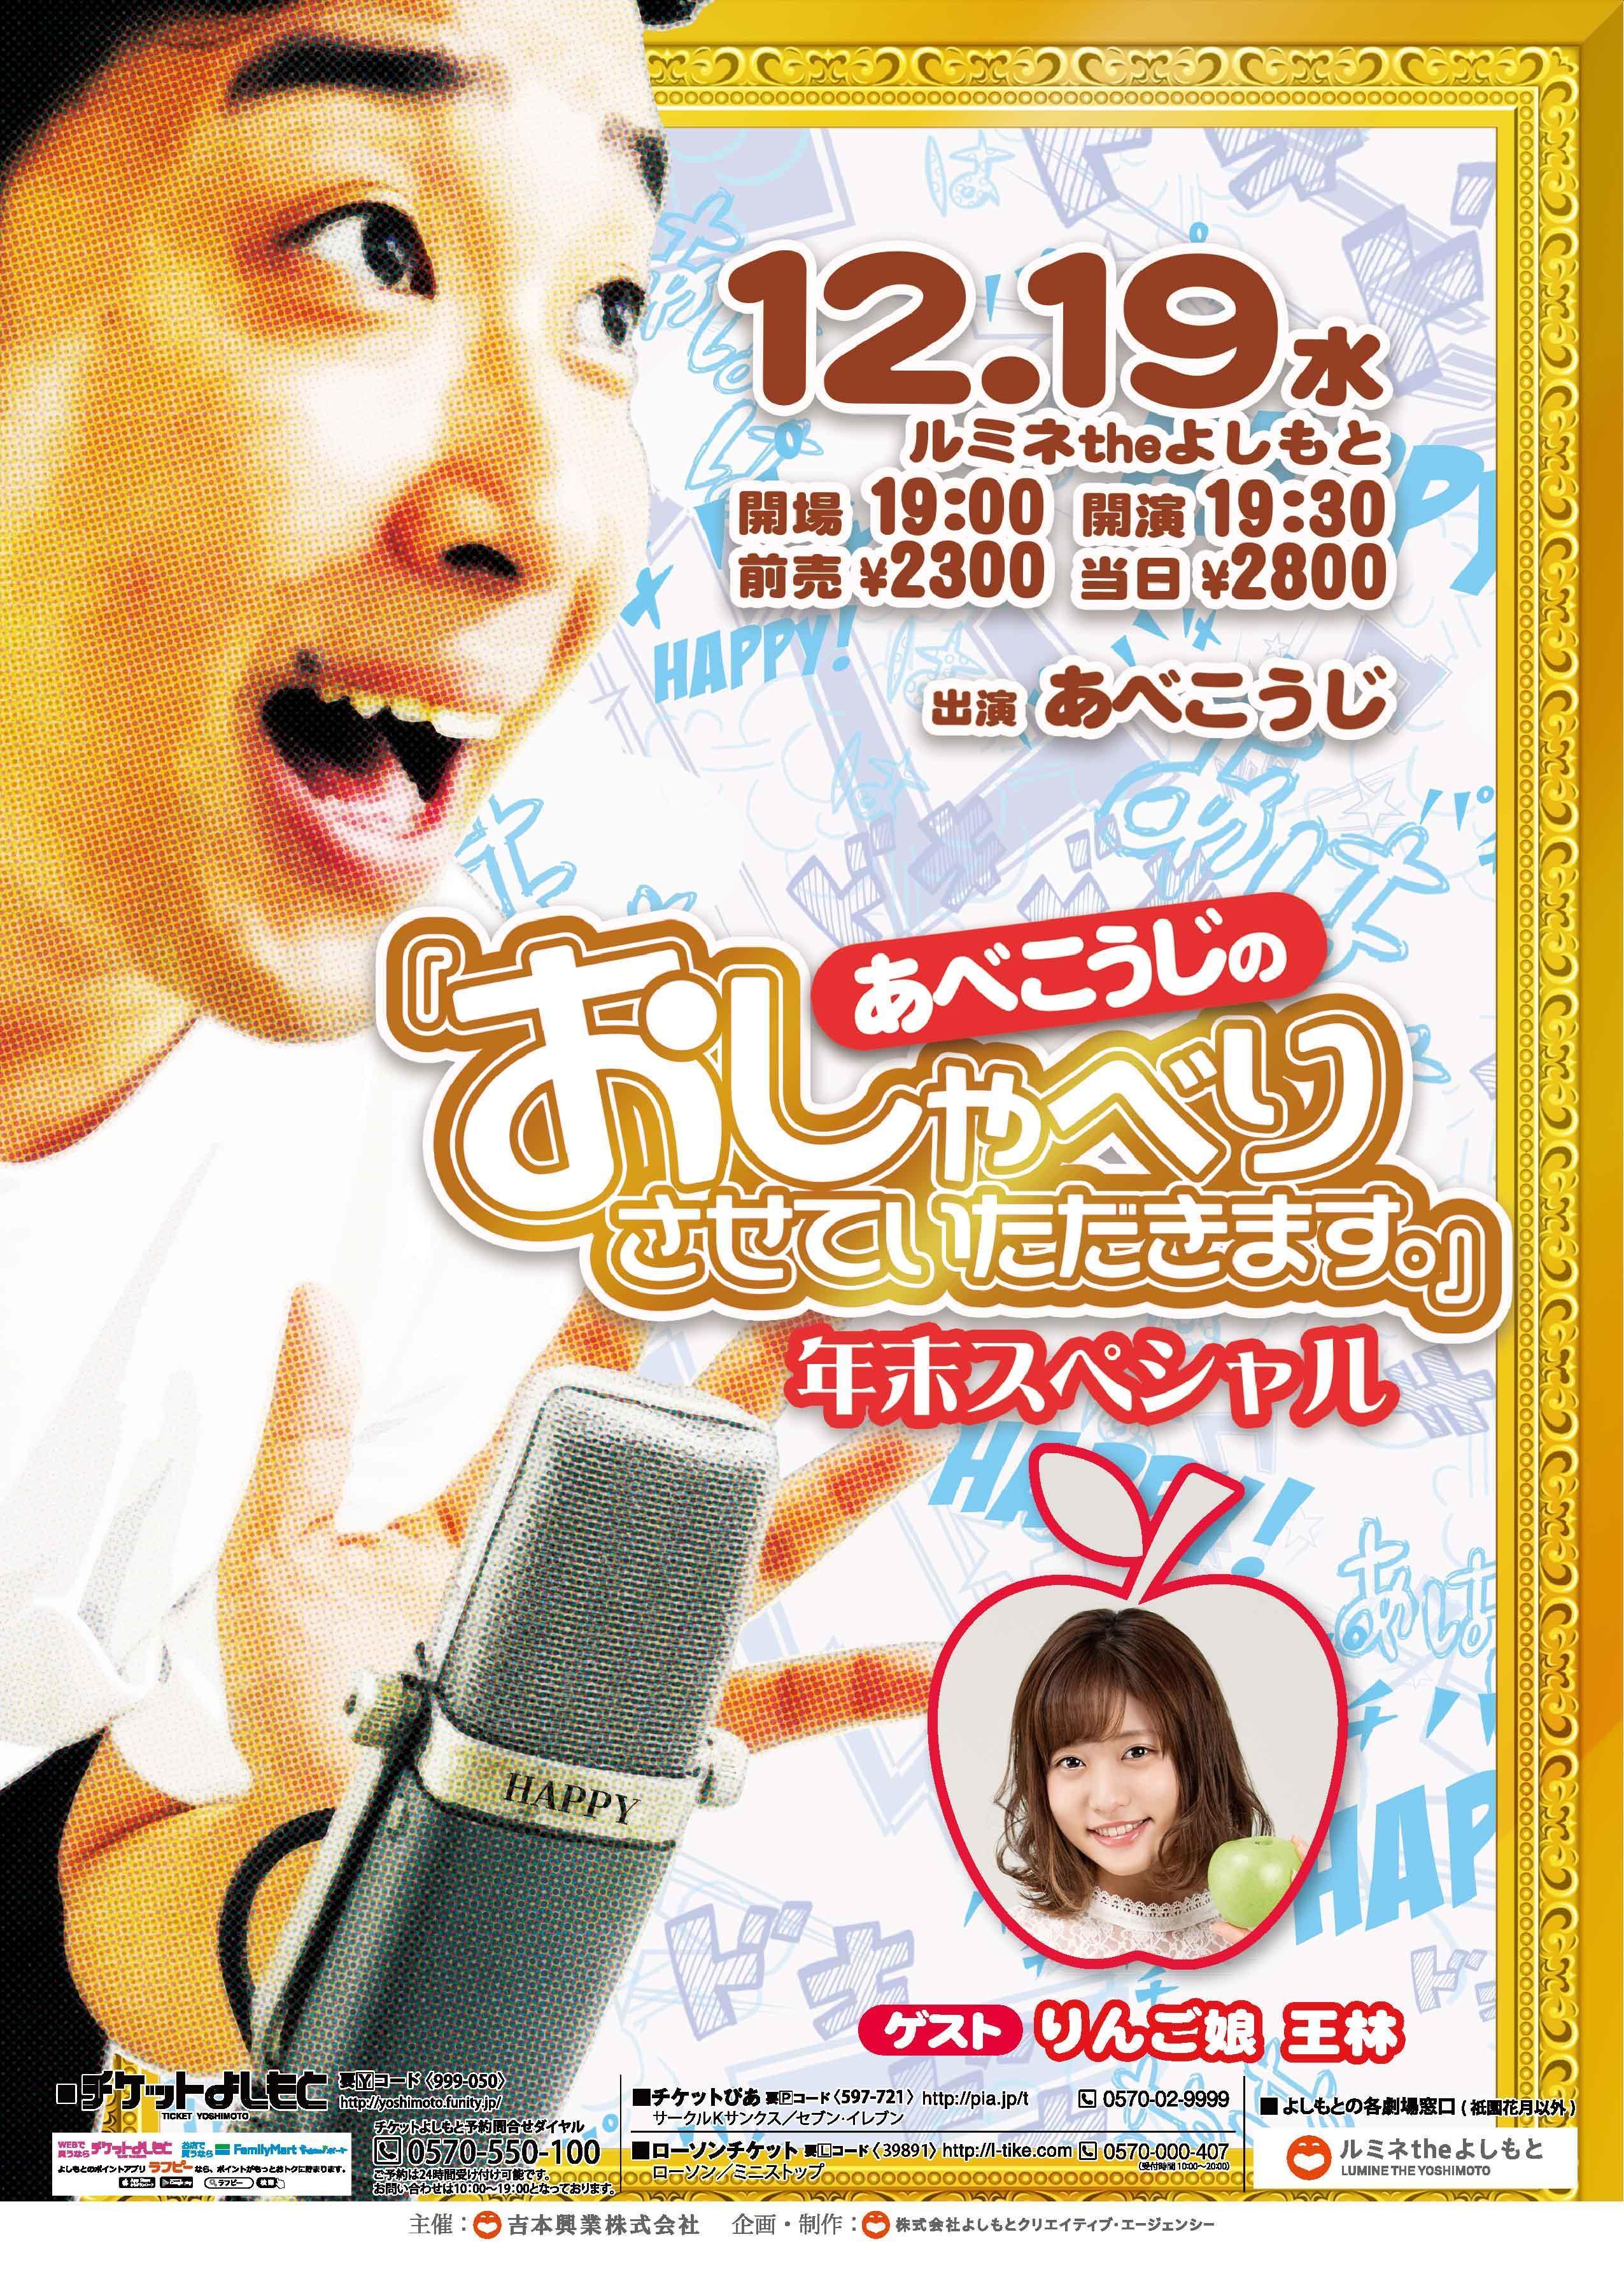 http://news.yoshimoto.co.jp/20181130191807-6259a2e882a7c9fcd2a32e071a99fae194c0cd17.jpg